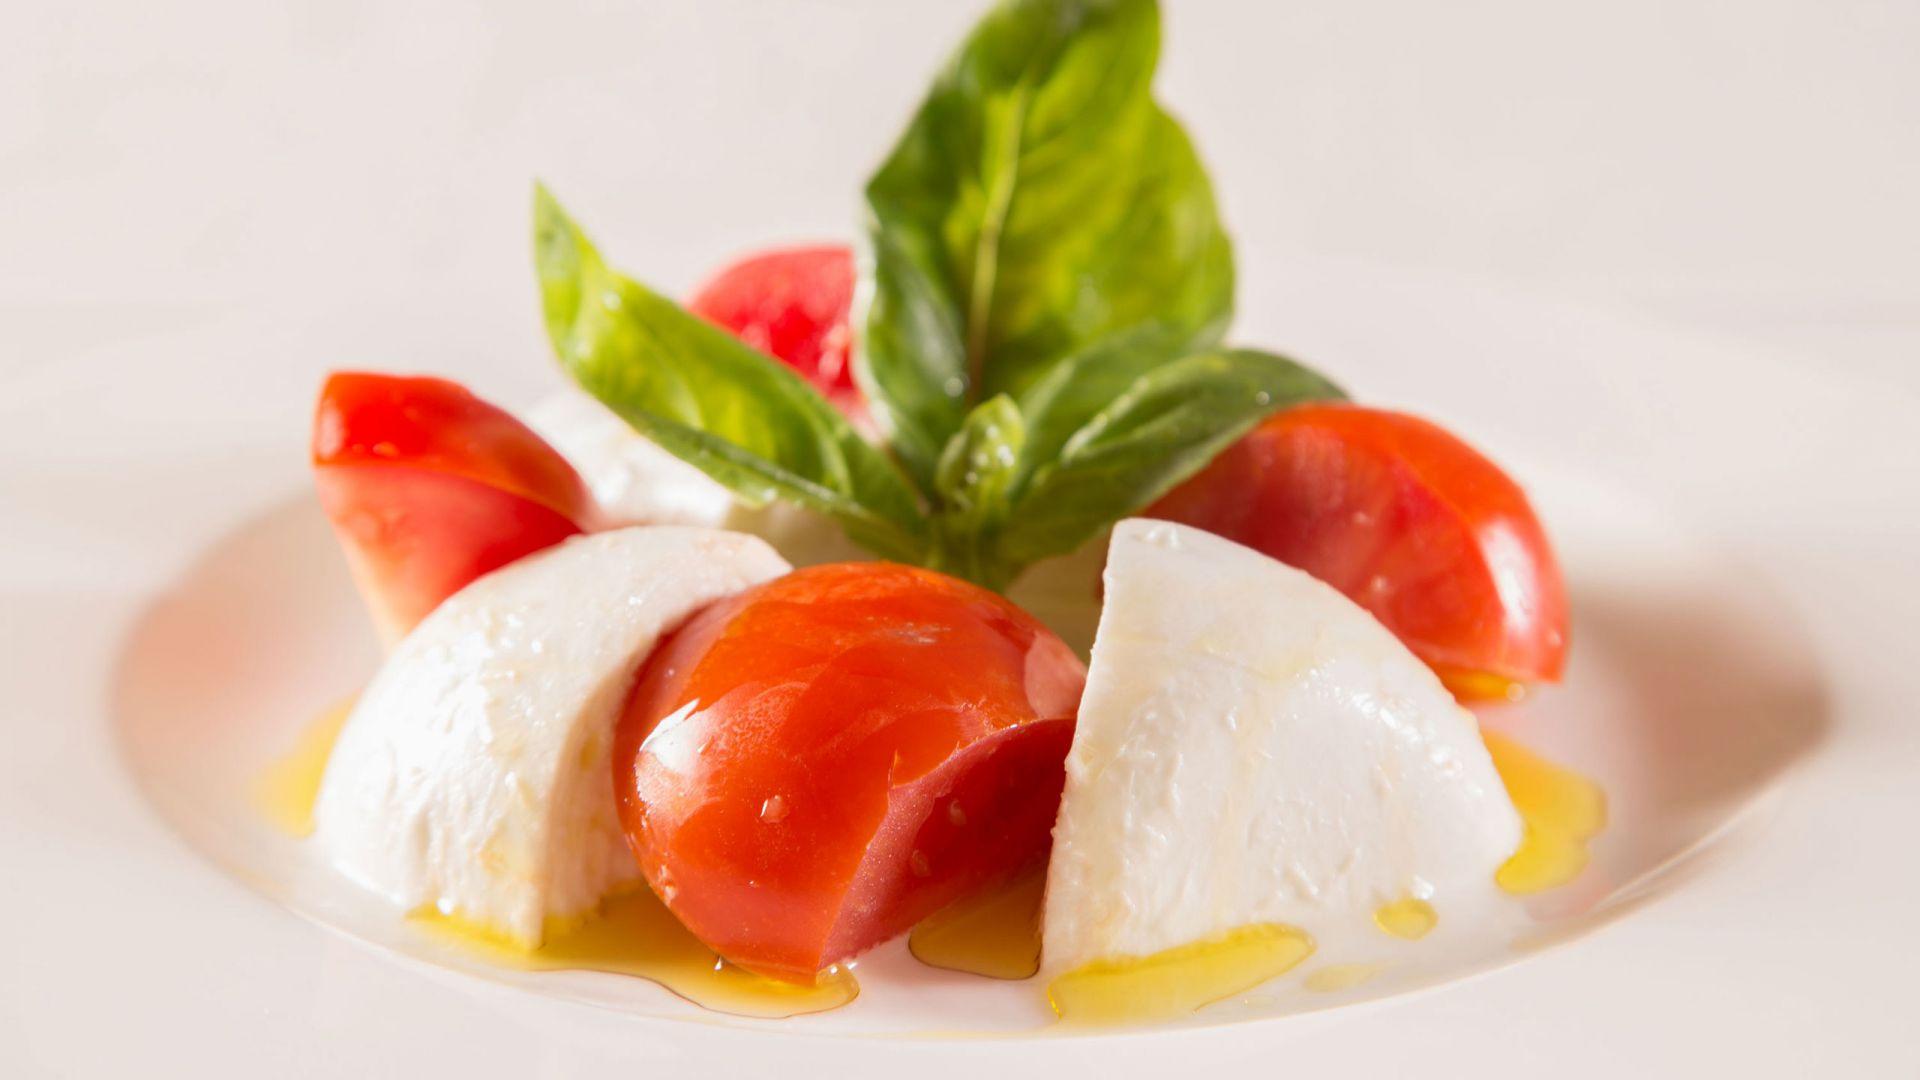 albergo-ottocento-roma-cibo-01